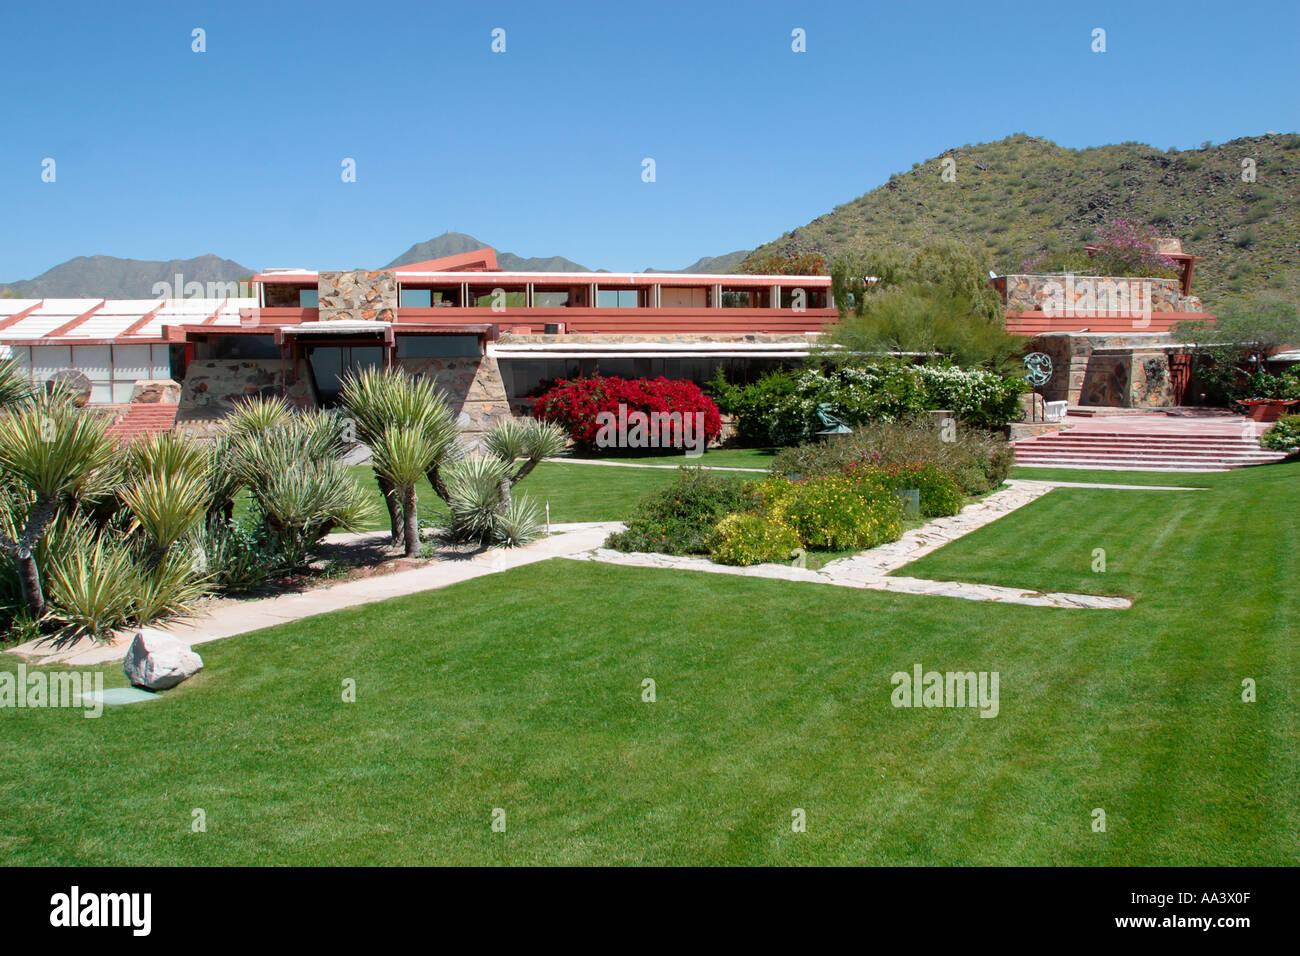 Taliesin Oeste arquitecto Frank Lloyd Wright s Studio y hogar Scottsdale, Arizona La construcción empezó Imagen De Stock